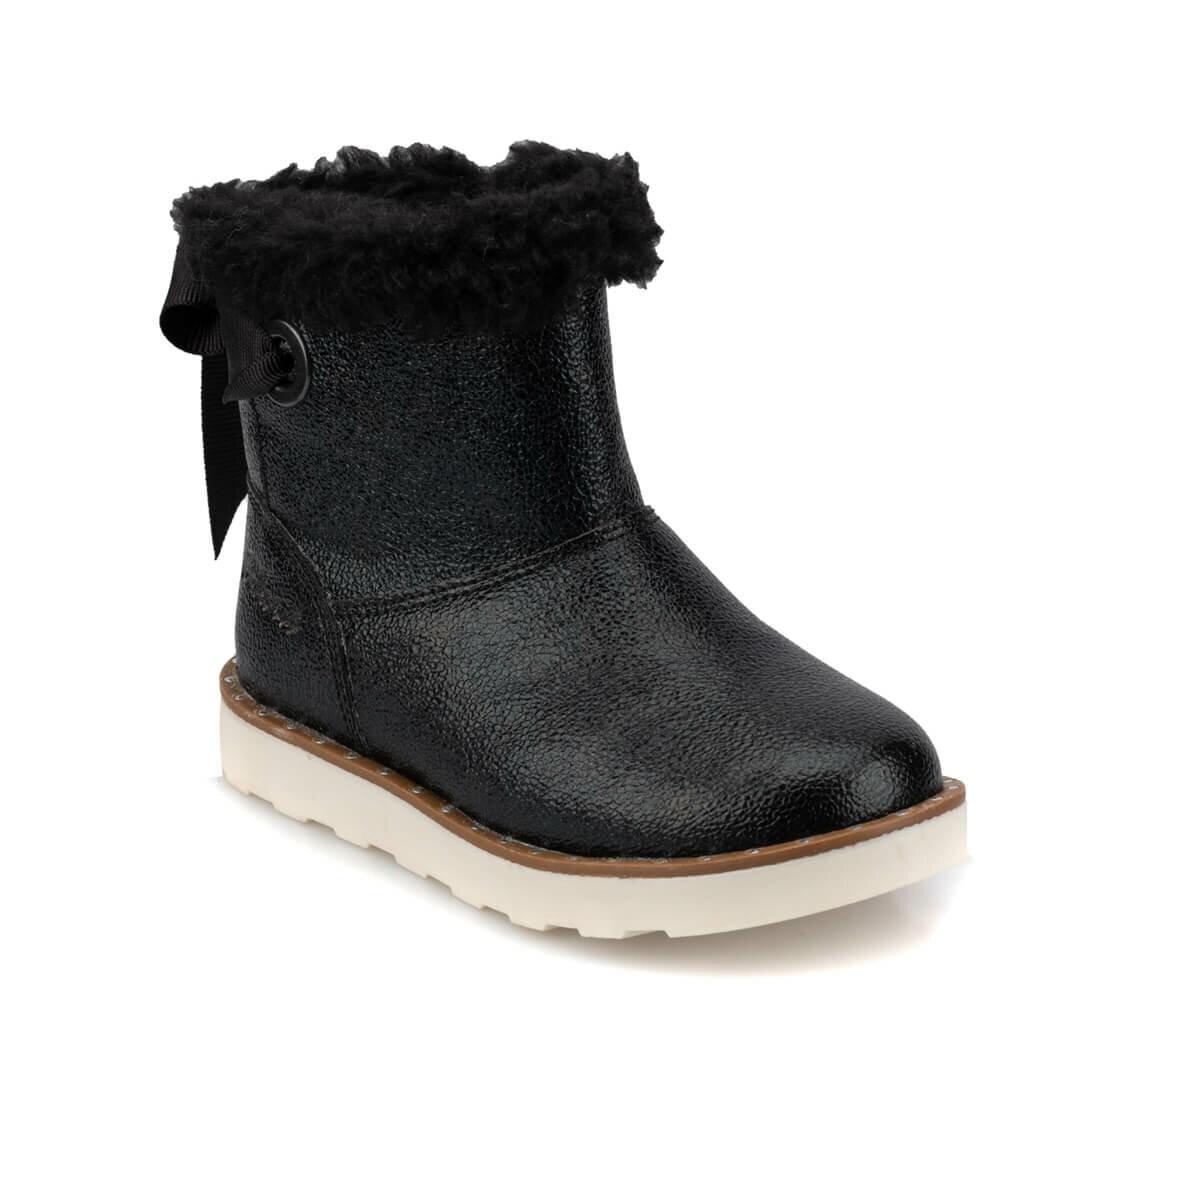 FLO 92.511806.P Black Female Child Boots Polaris